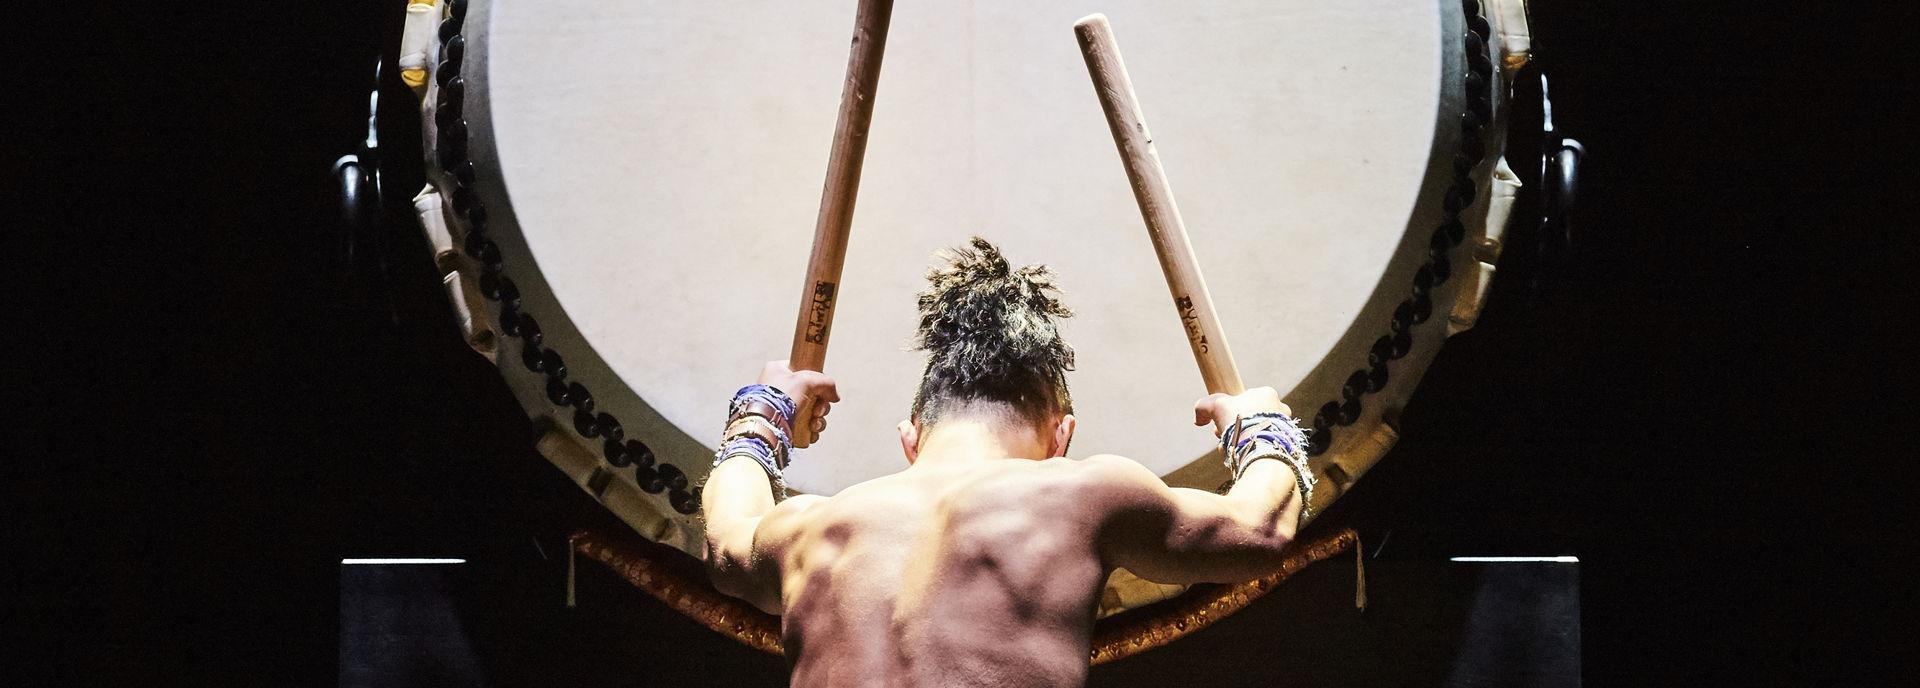 De Japanse drummers van Yamato zijn terug in Hoogeveen met een nieuwe show. Met de eeuwenoude taiko-drums zorgen ze voor een golf van energie, originaliteit en innovatie.